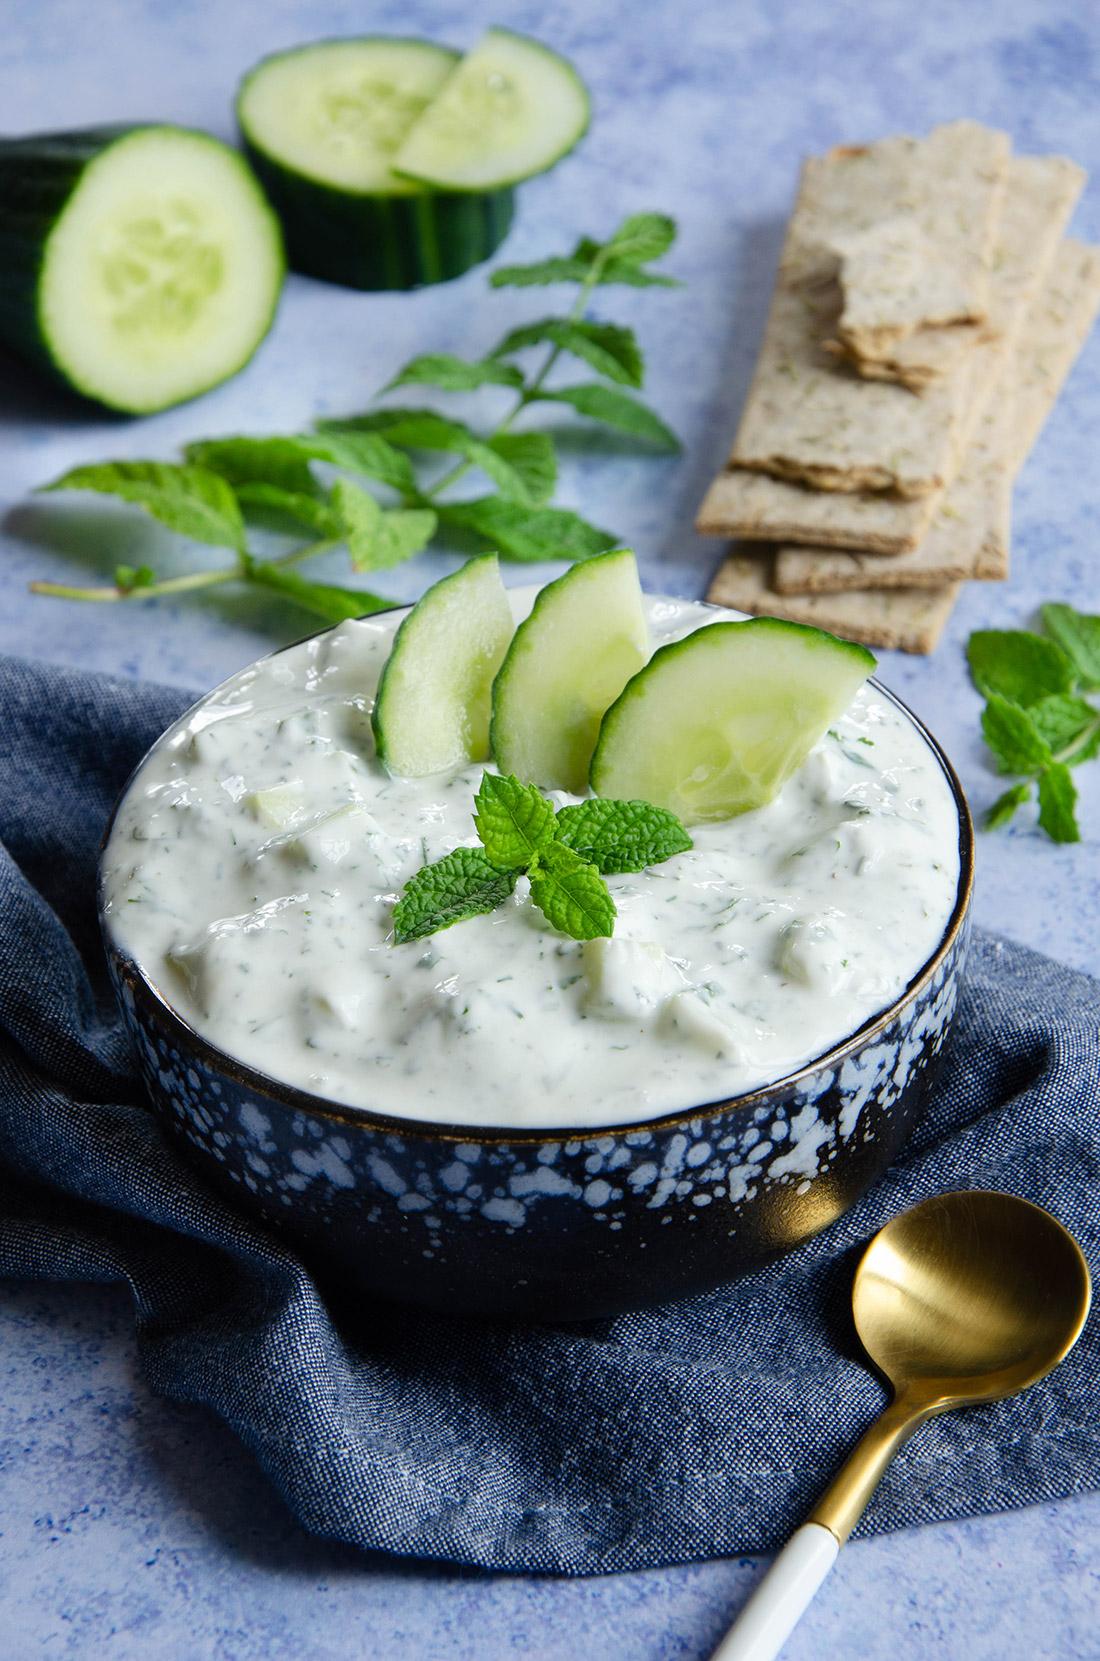 Délicieuse recette de tzatziki, un mezzé à base de concombre et de menthe parfait pour l'apéritif